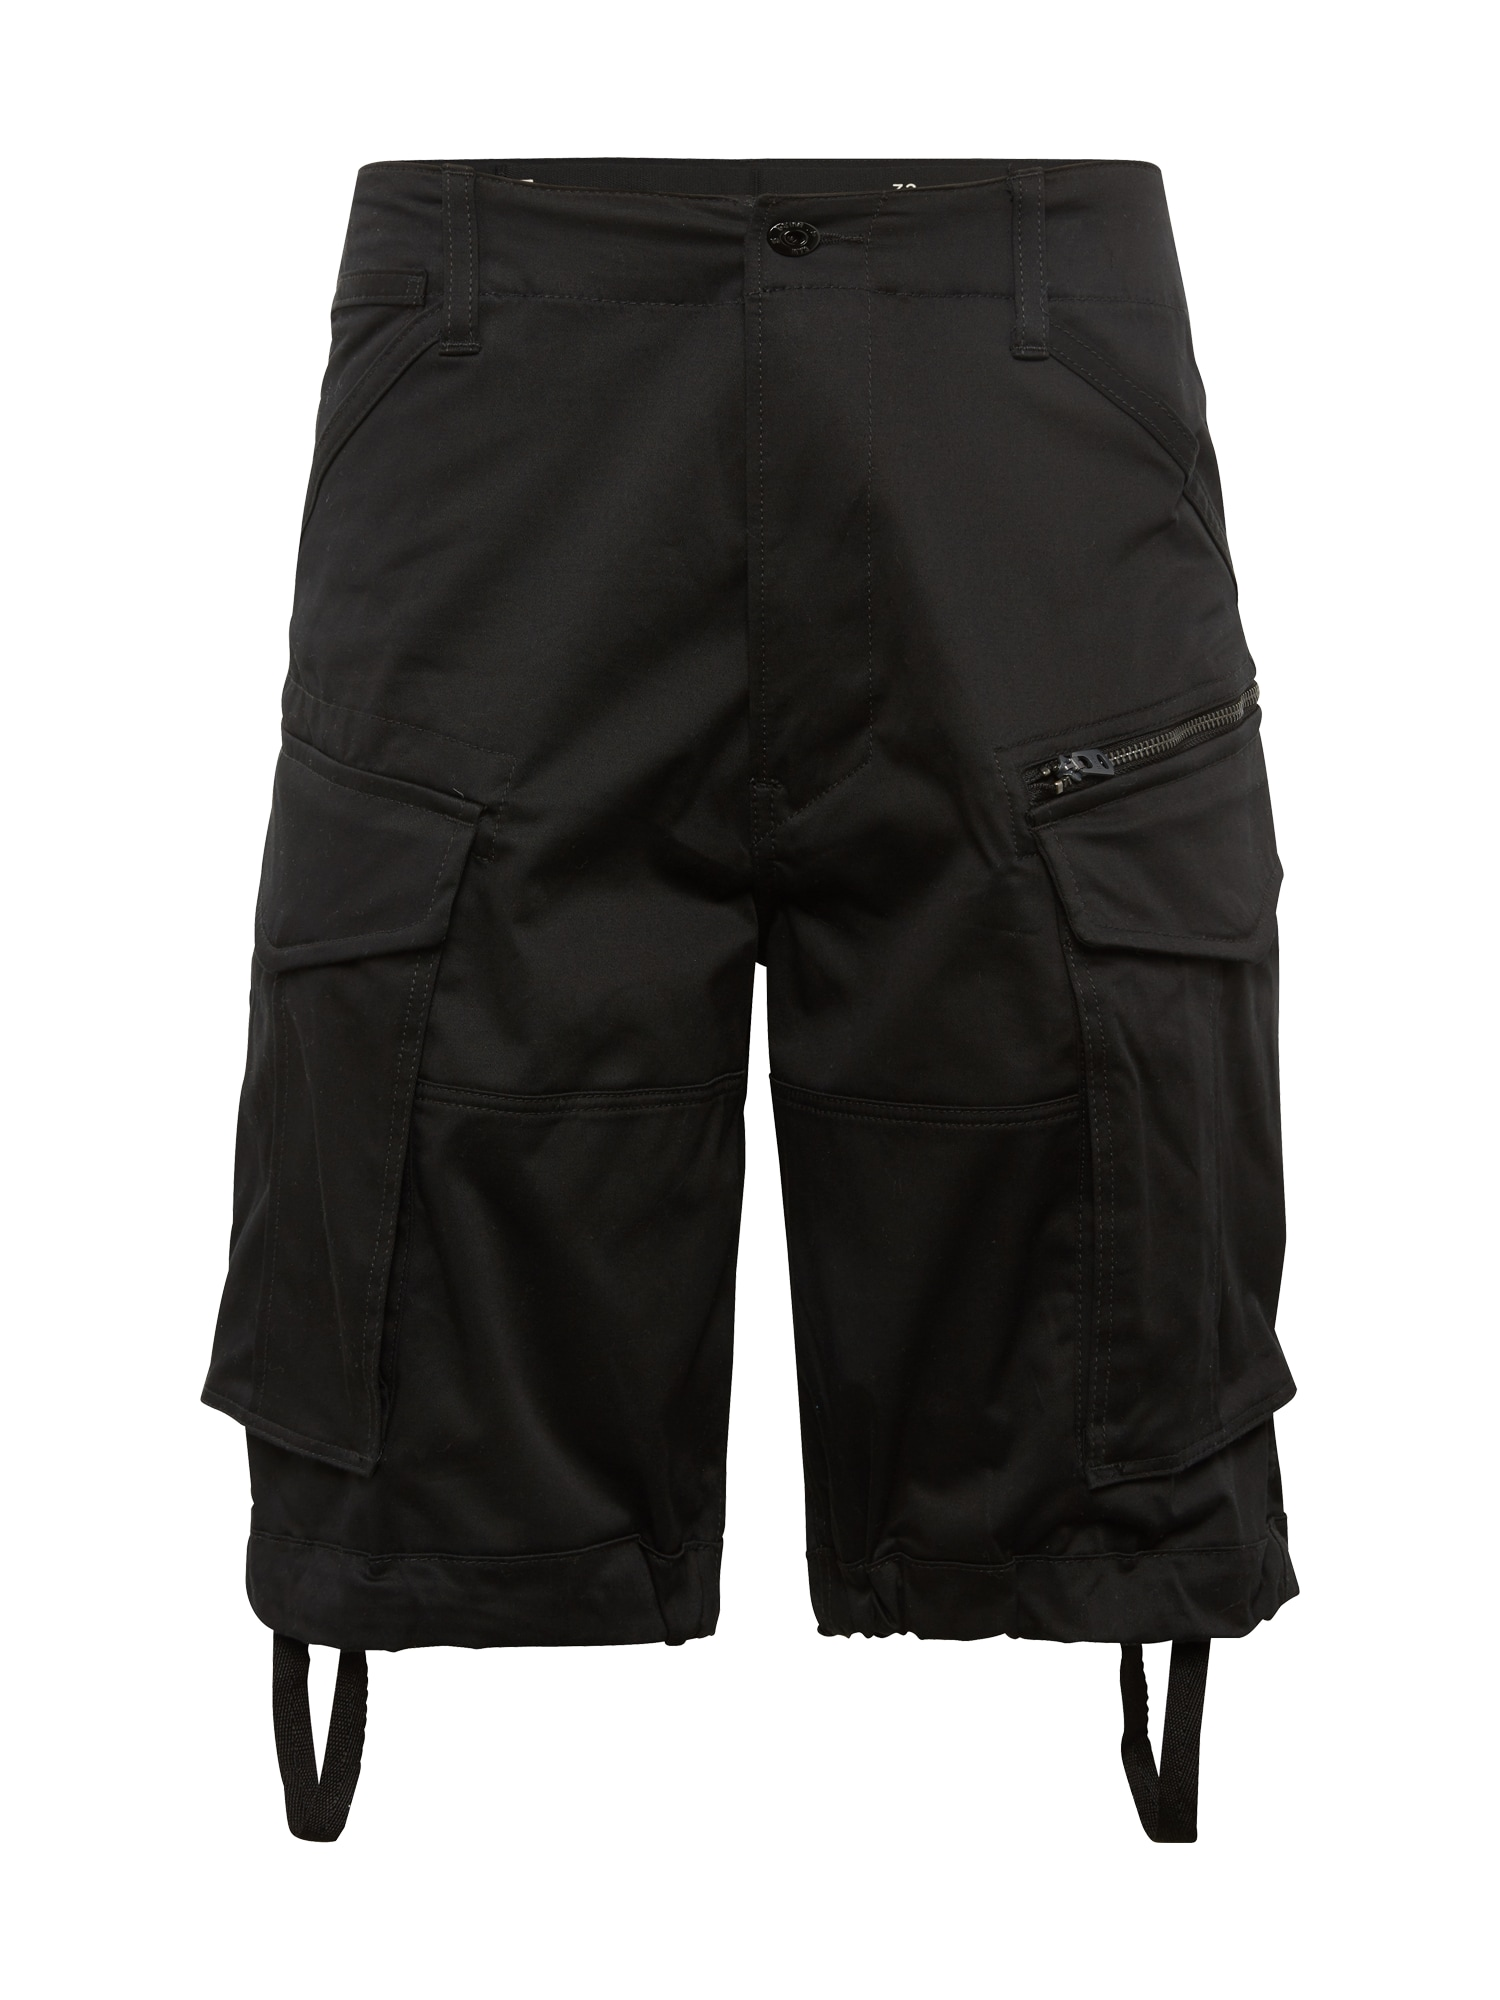 G-Star RAW Laisvo stiliaus kelnės 'Rovic' juoda